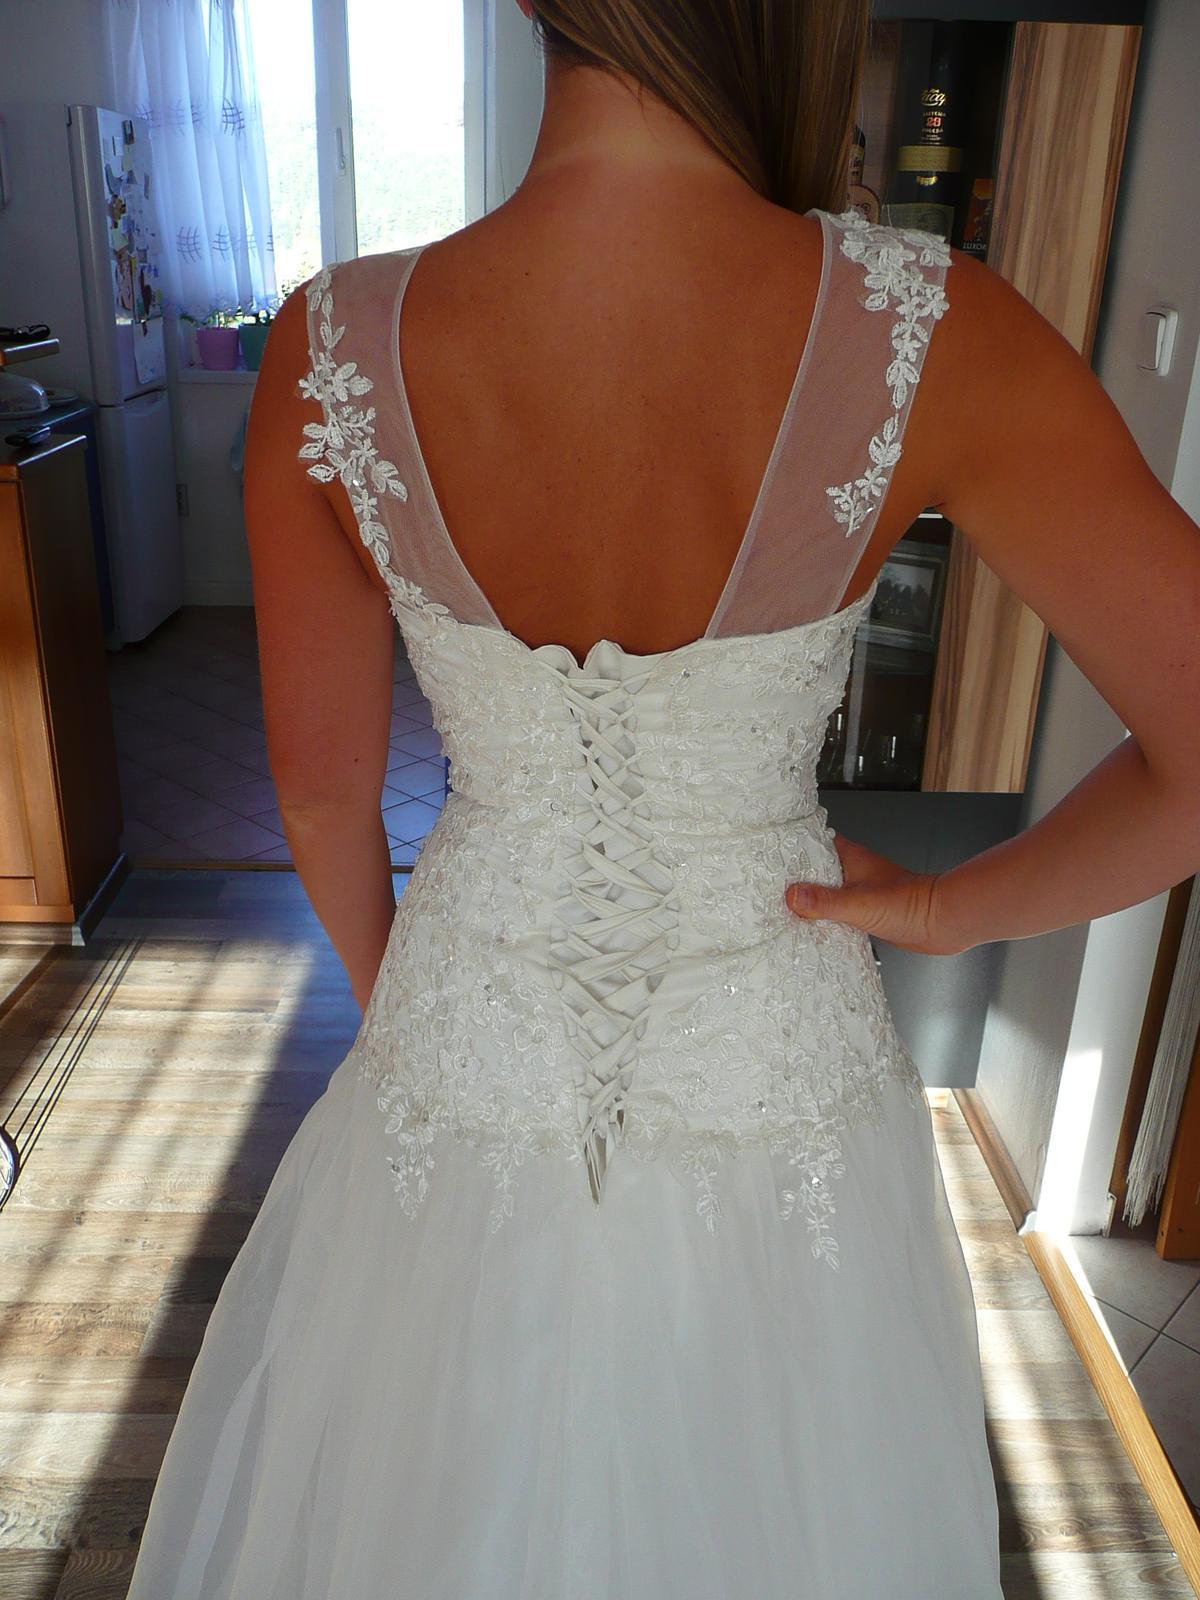 Svatební šaty s originálním dekoltem 36-40 - Obrázek č. 3